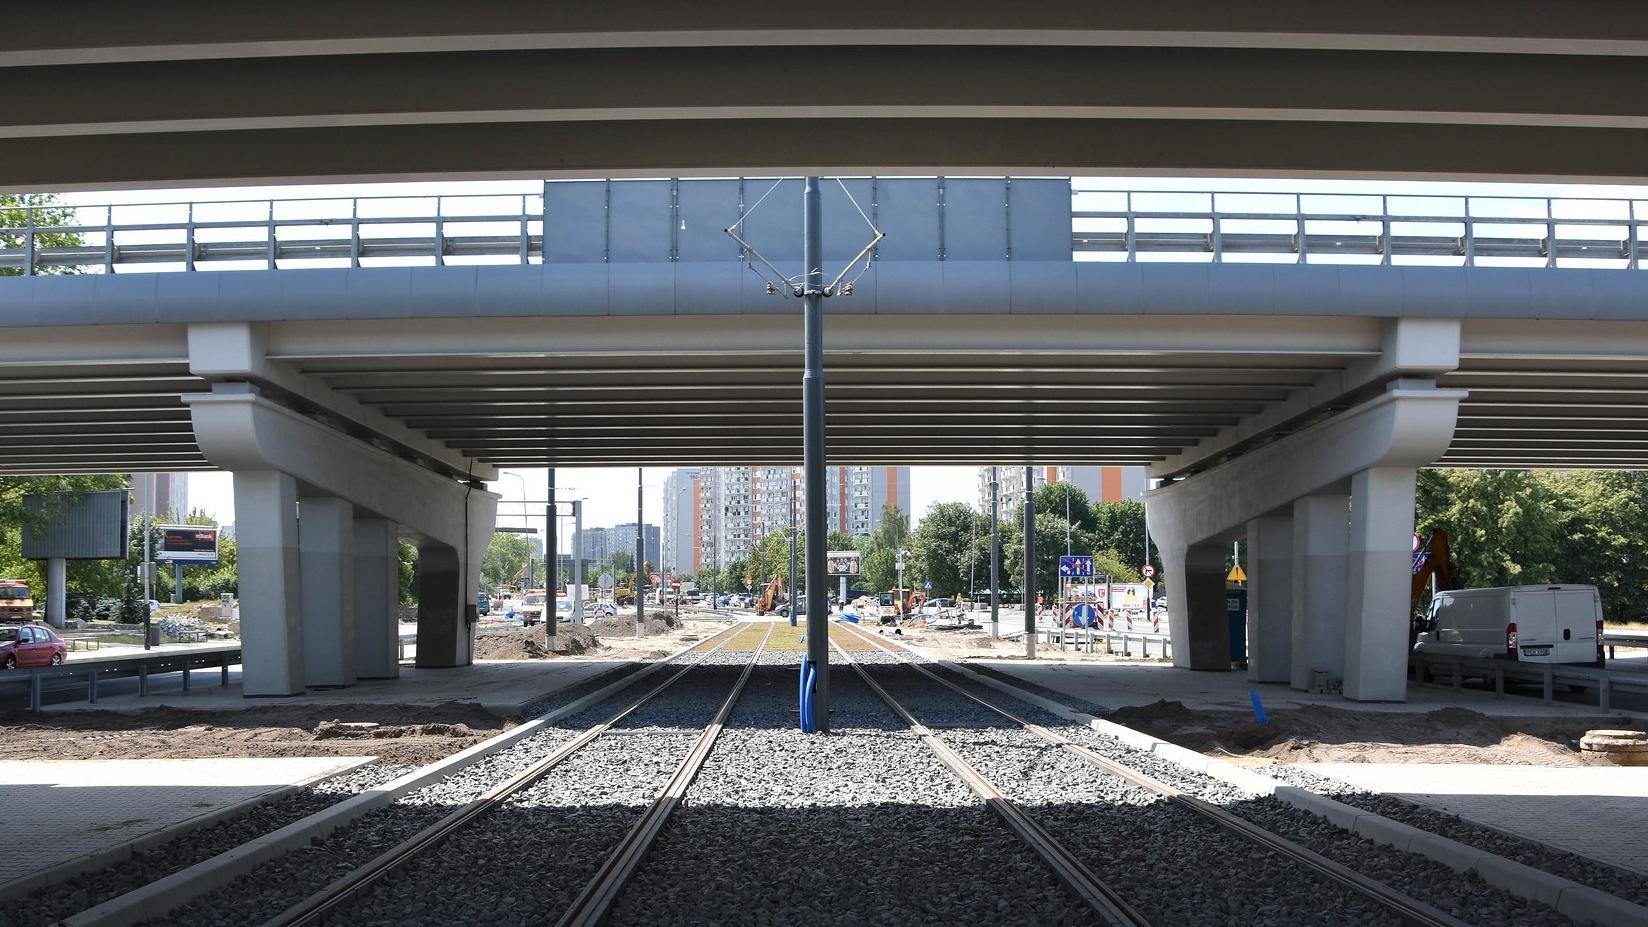 W poniedziałek po raz pierwszy będzie mogło zostać sprawdzone w ruchu z udziałem tramwajów (fot.poznan.pl)